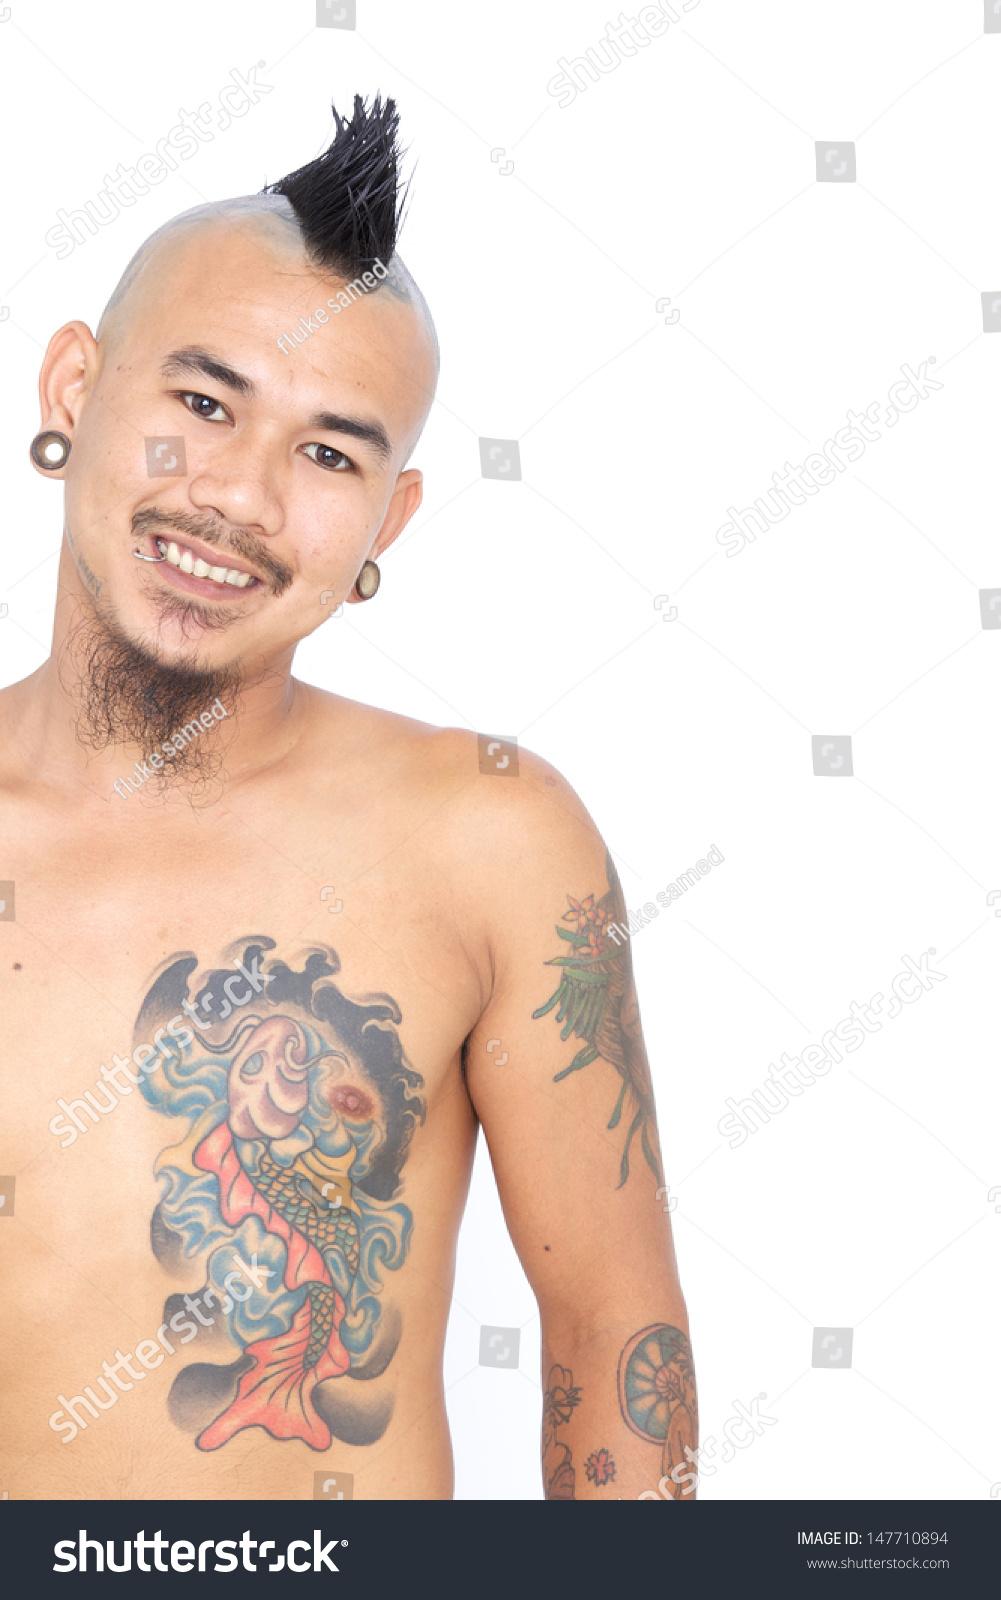 微笑的画像亚洲朋克人莫霍克发型,穿刺和纹身孤立在的